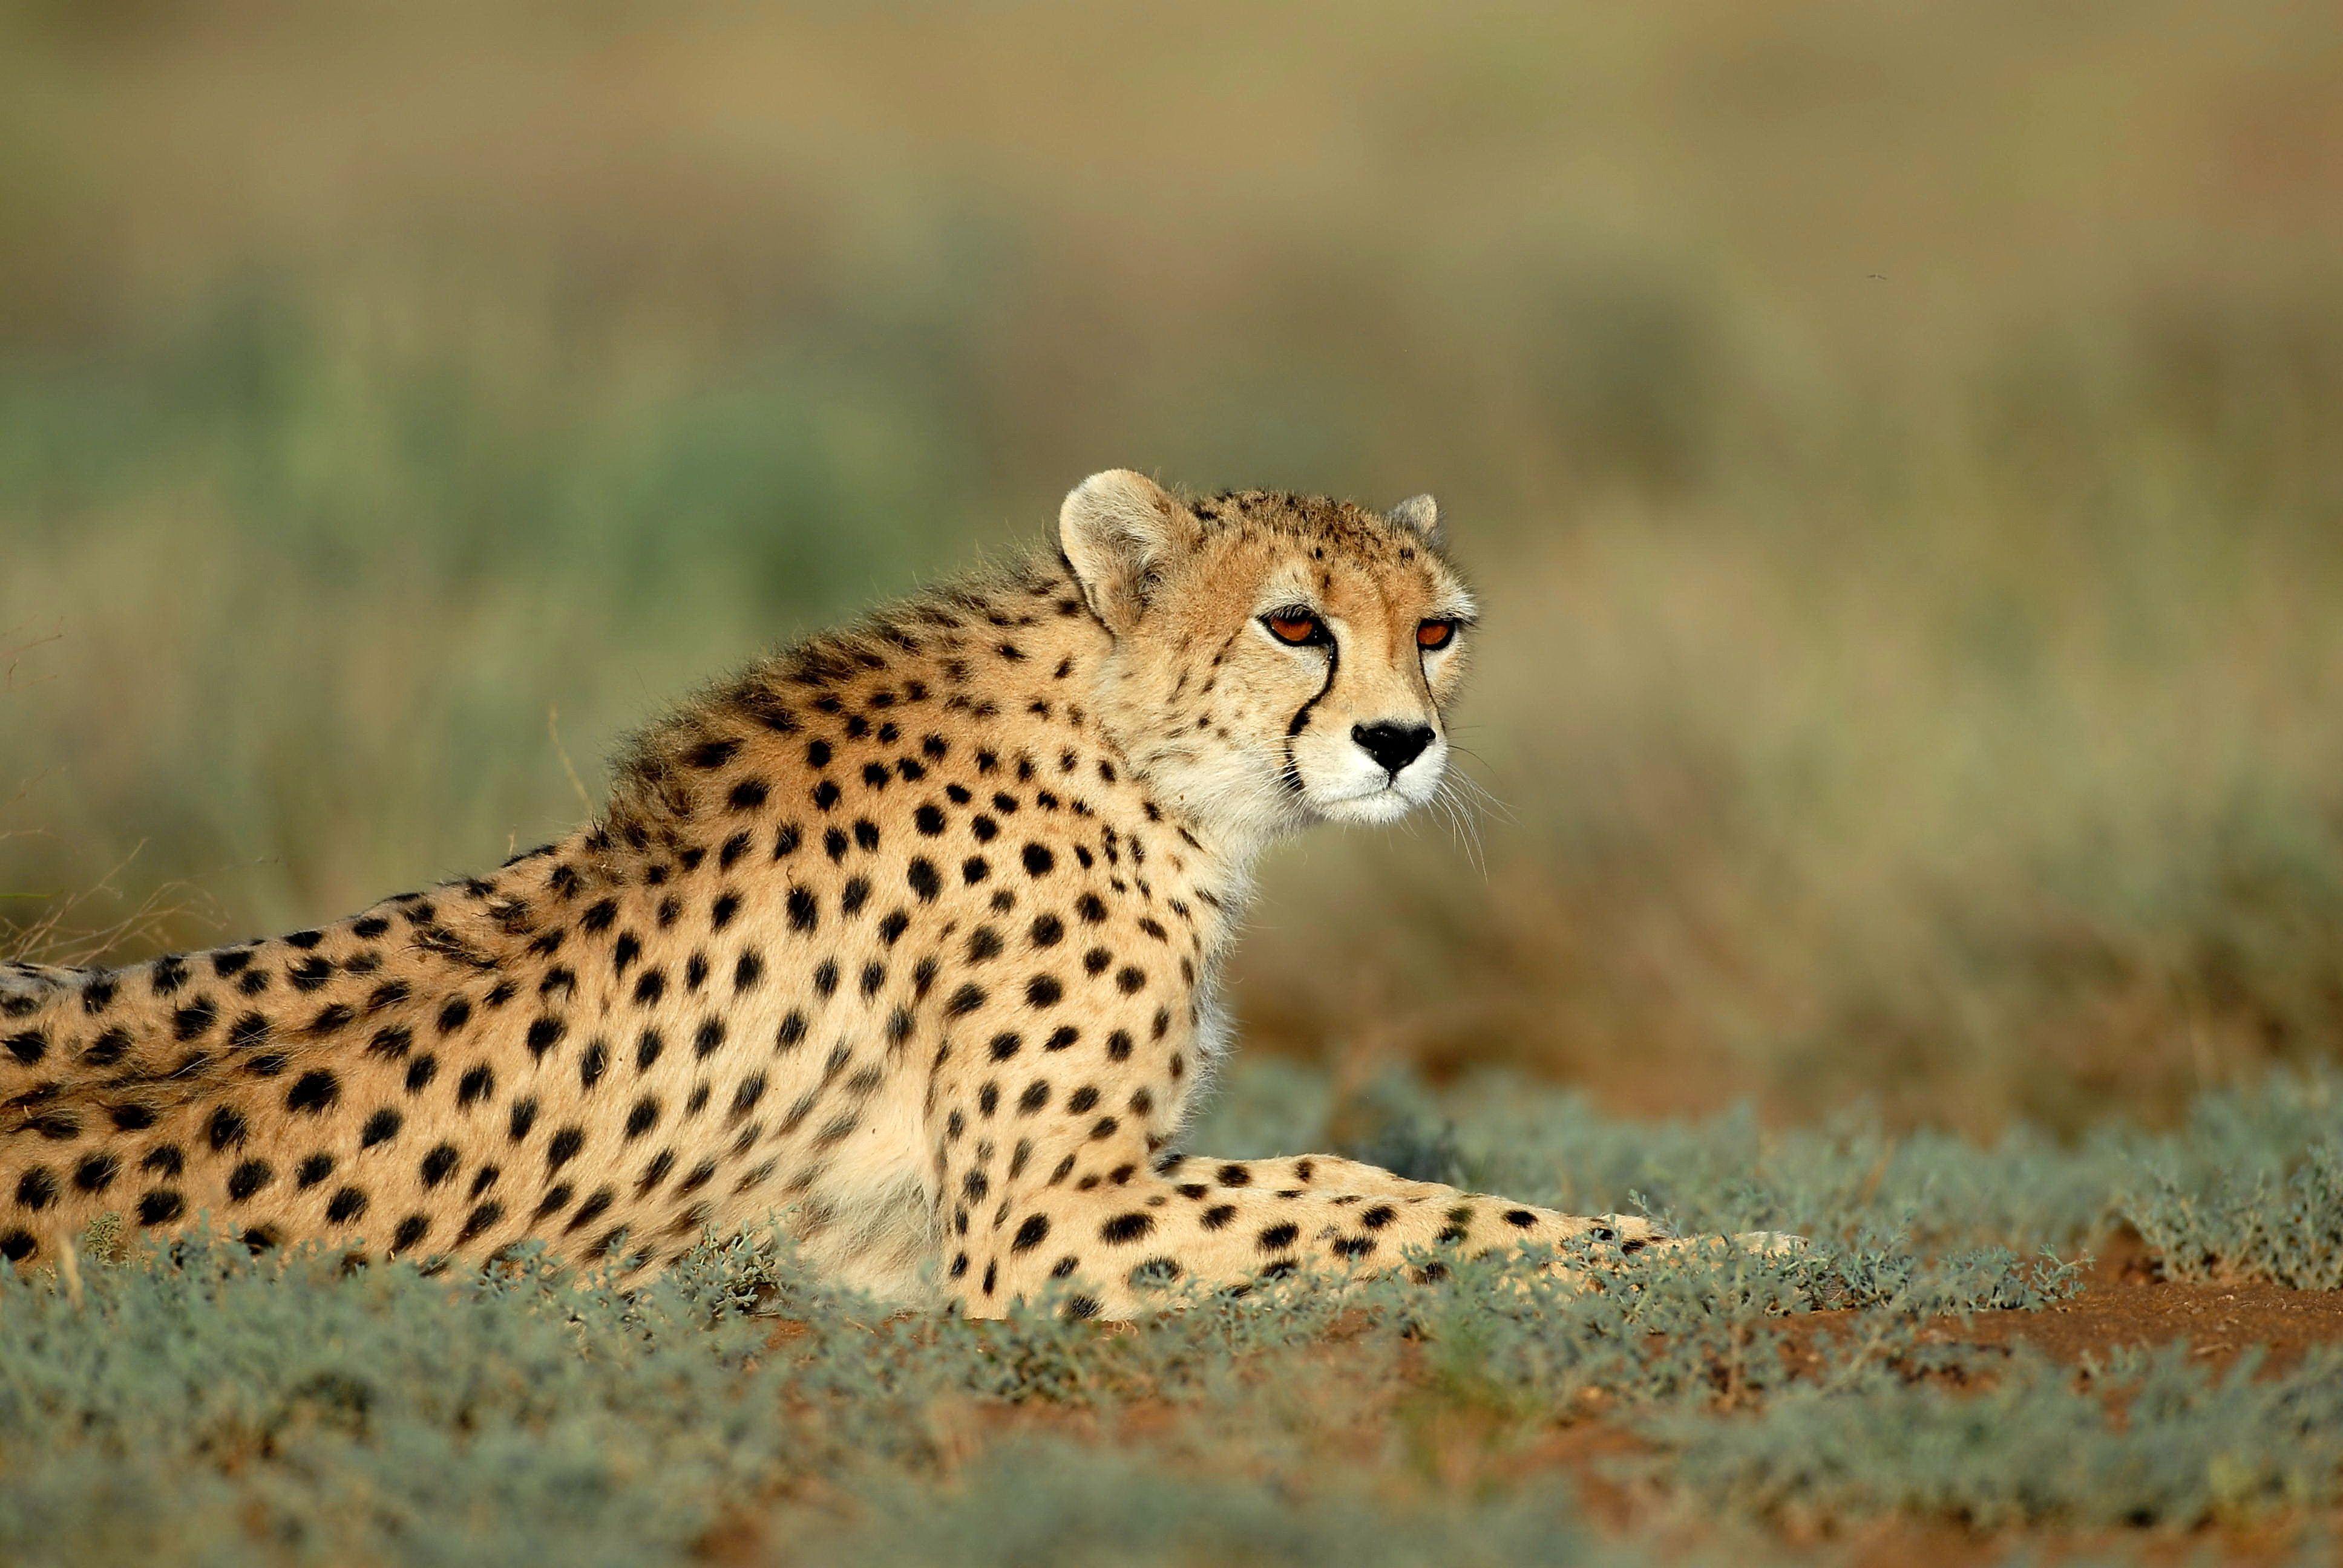 Численность гепардов снижается спринтерскими темпами